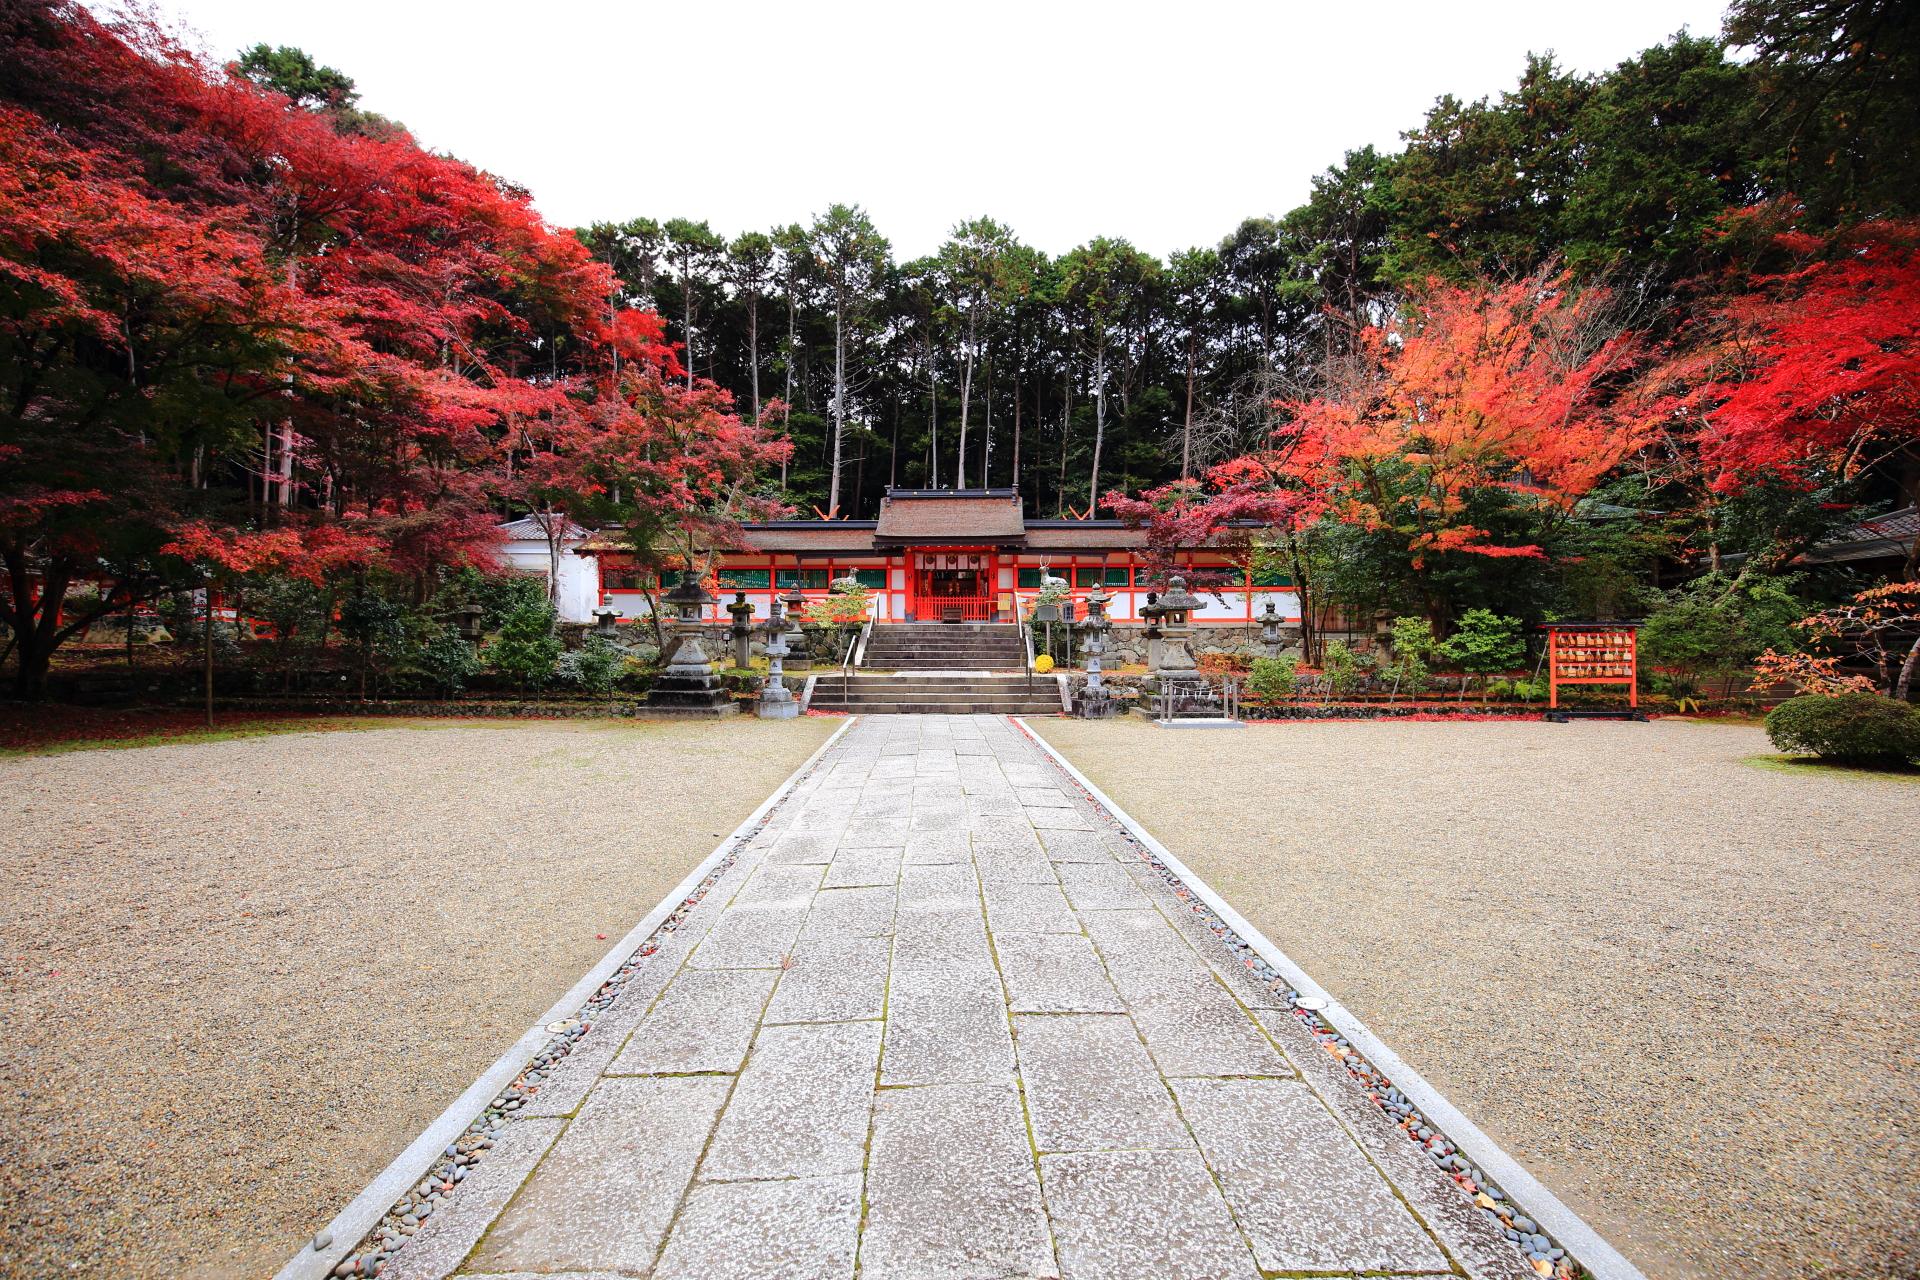 大原野神社の絵になる見事な秋の風景